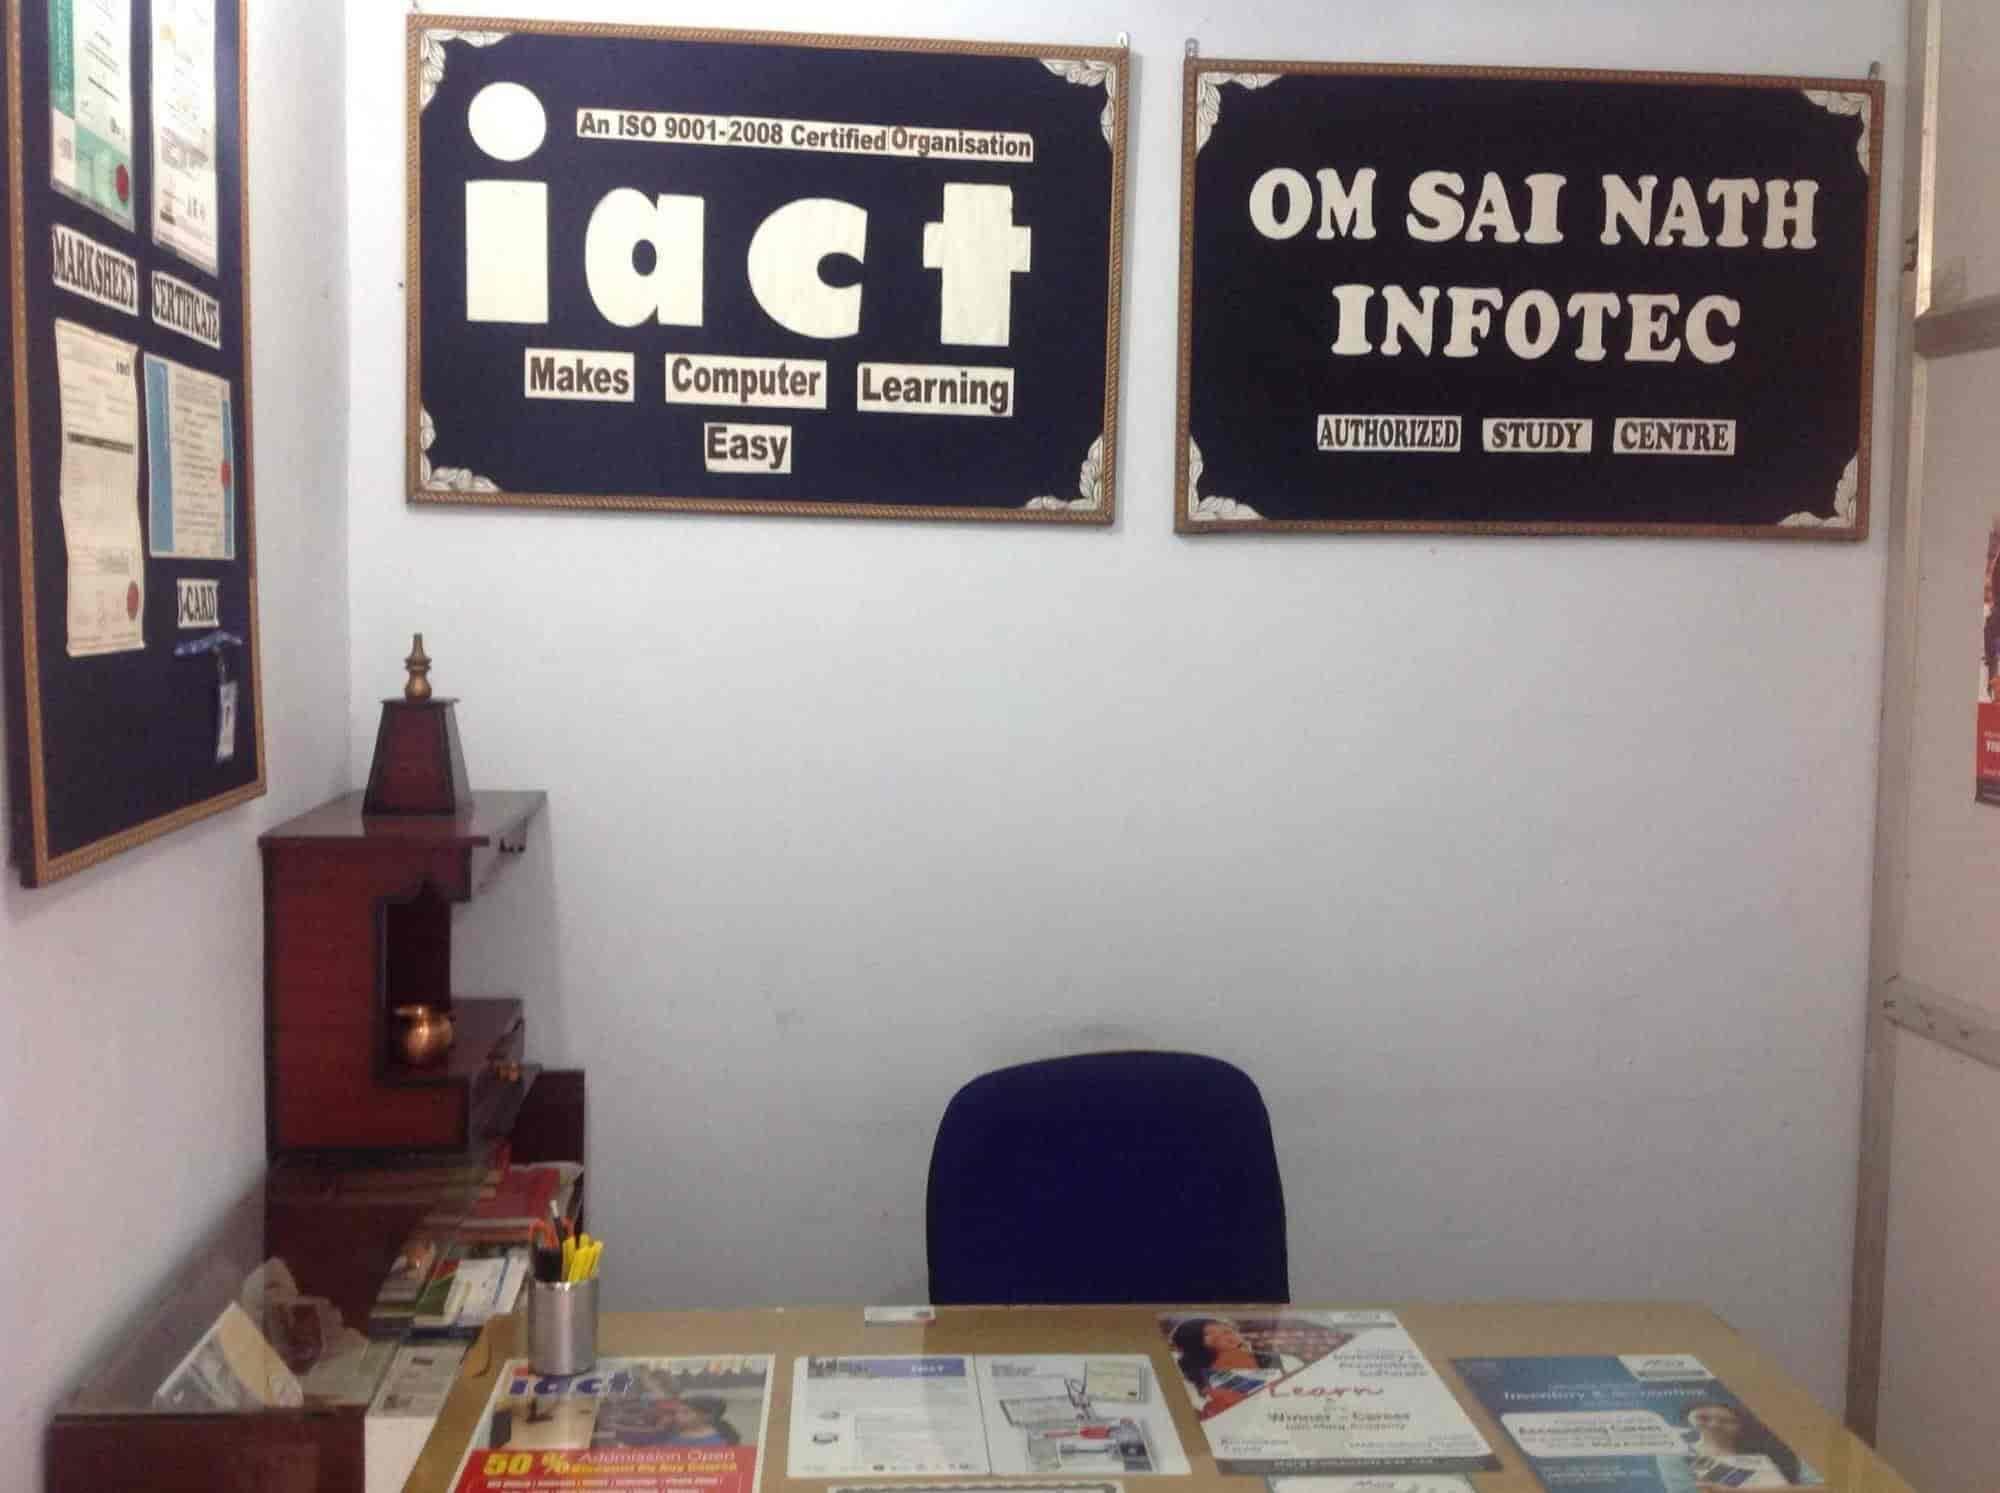 Iact Rama Mandi Computer Training Institutes In Jalandhar Justdial